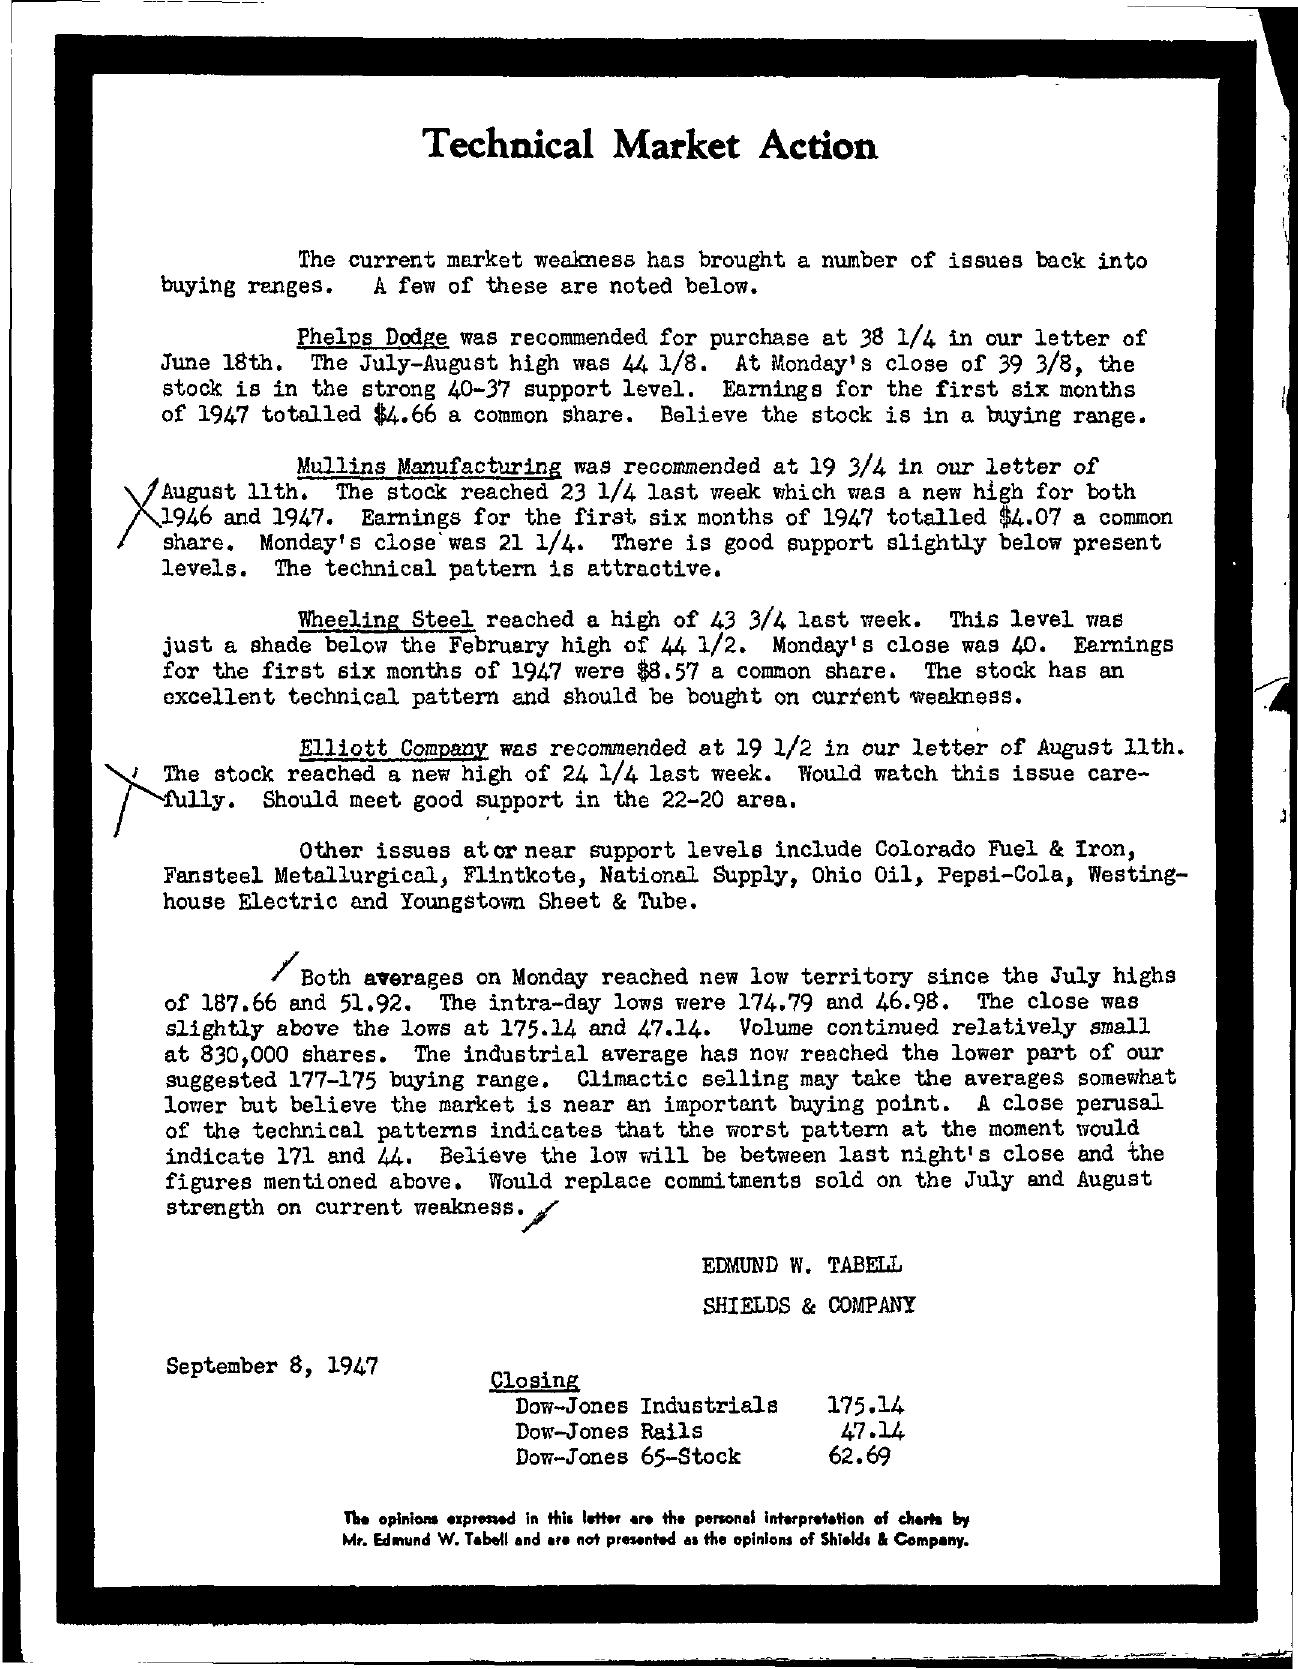 Tabell's Market Letter - September 08, 1947